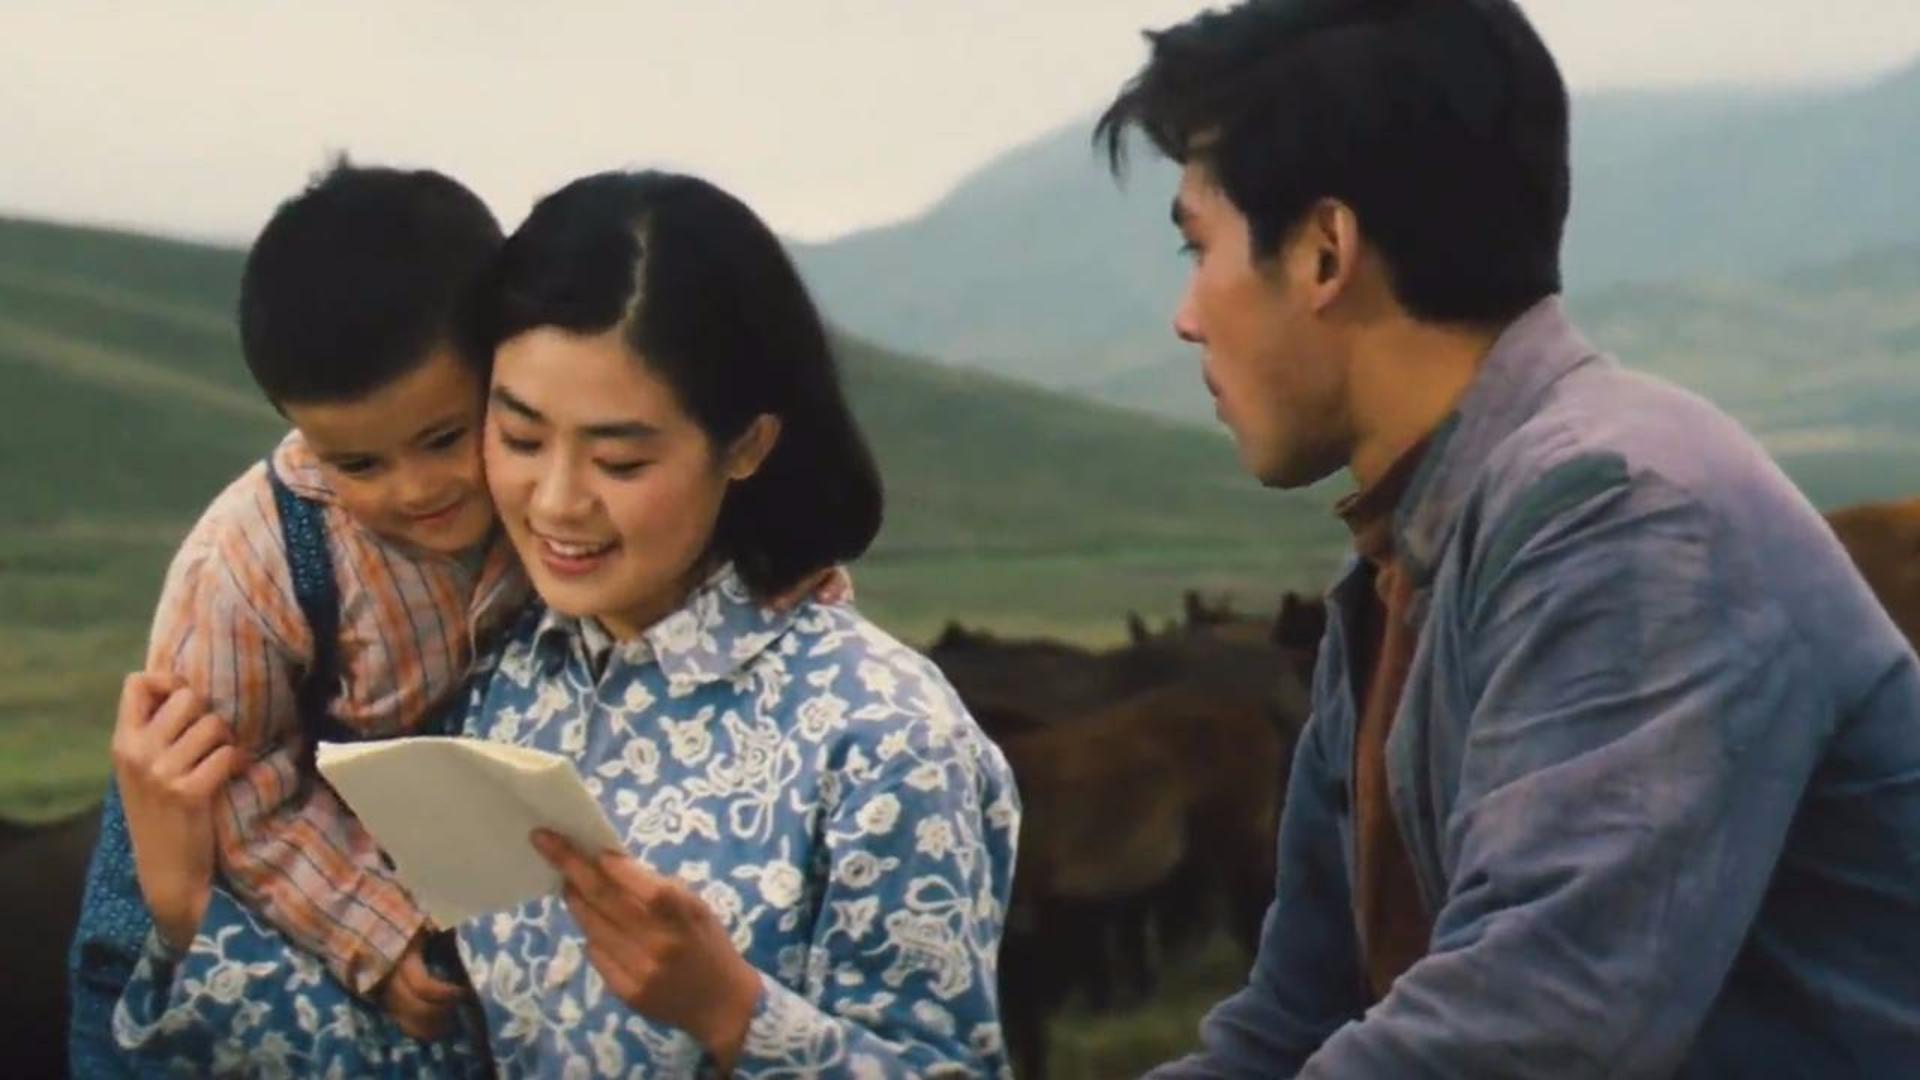 父辈那个年代的爱情,纯粹的让人羡慕,7分钟看完朱时茂《牧马人》解说